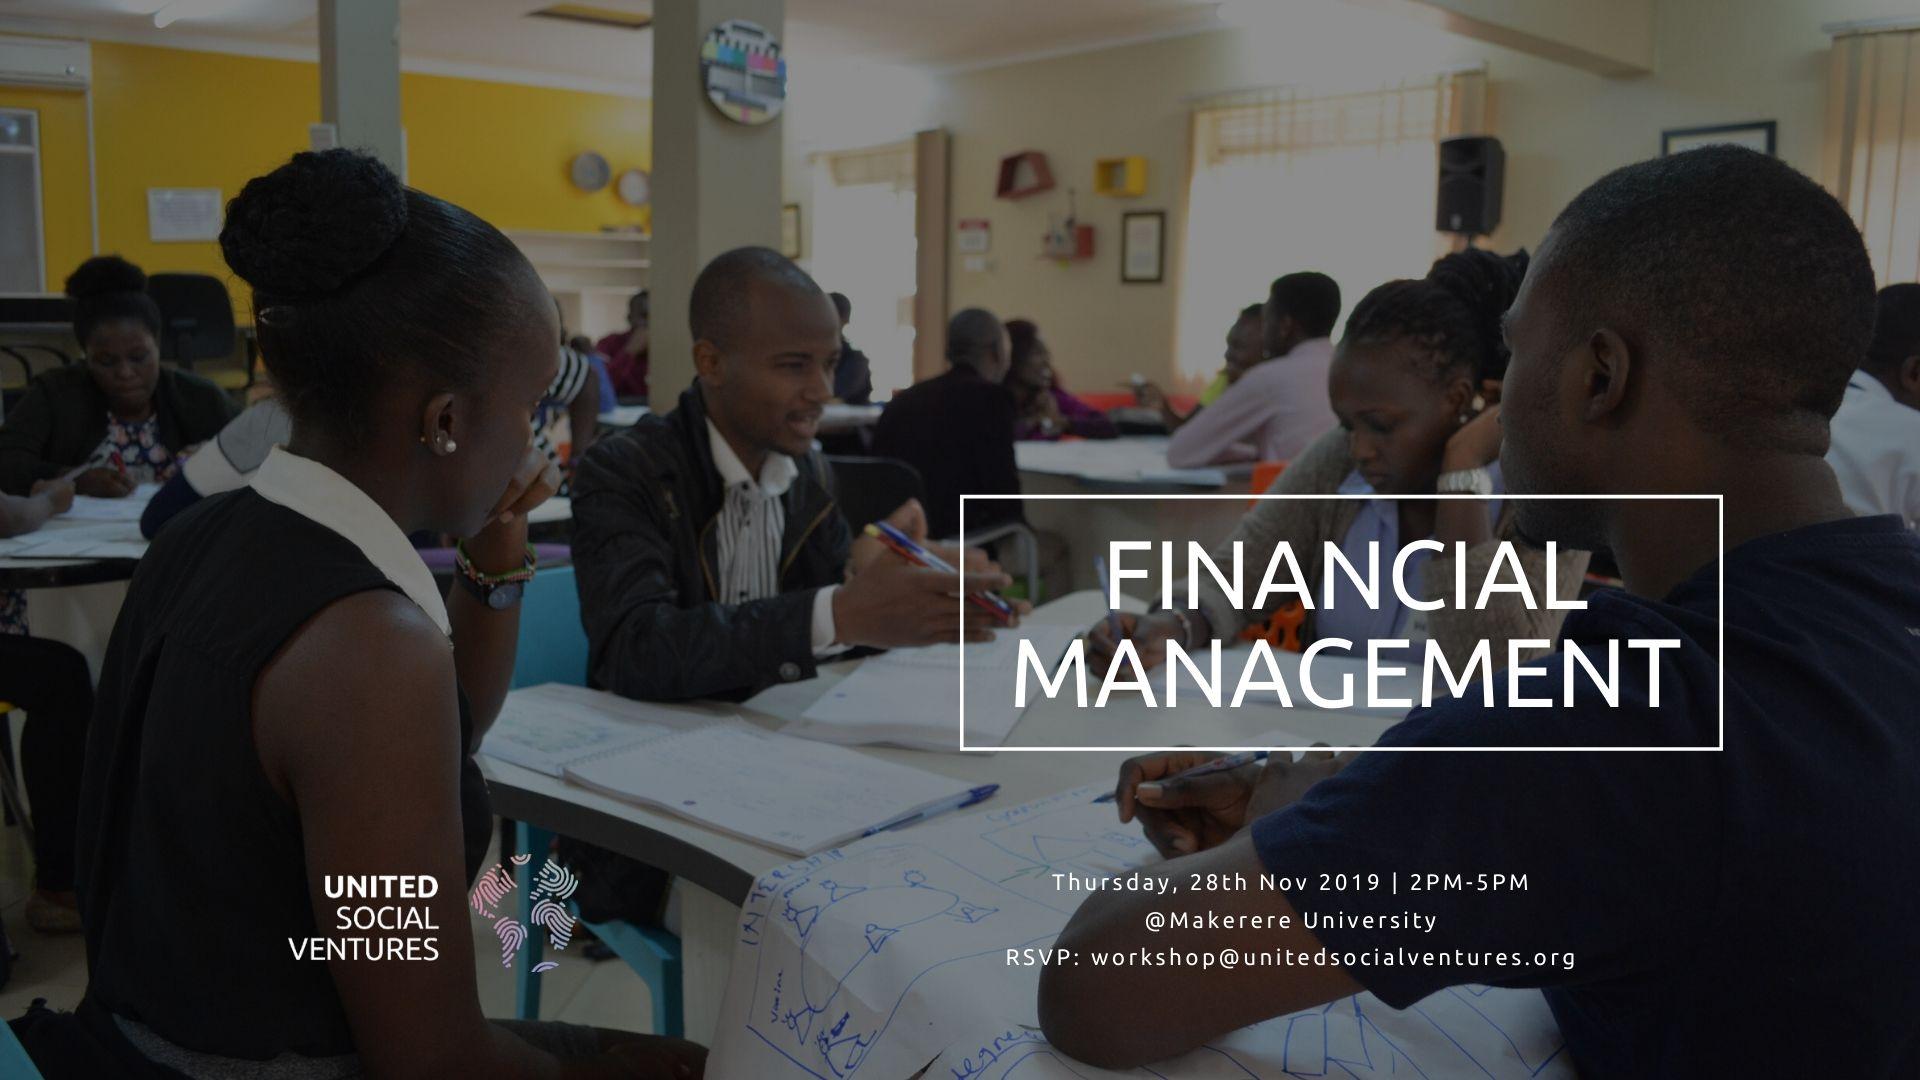 191128 - Financial Management Workshop